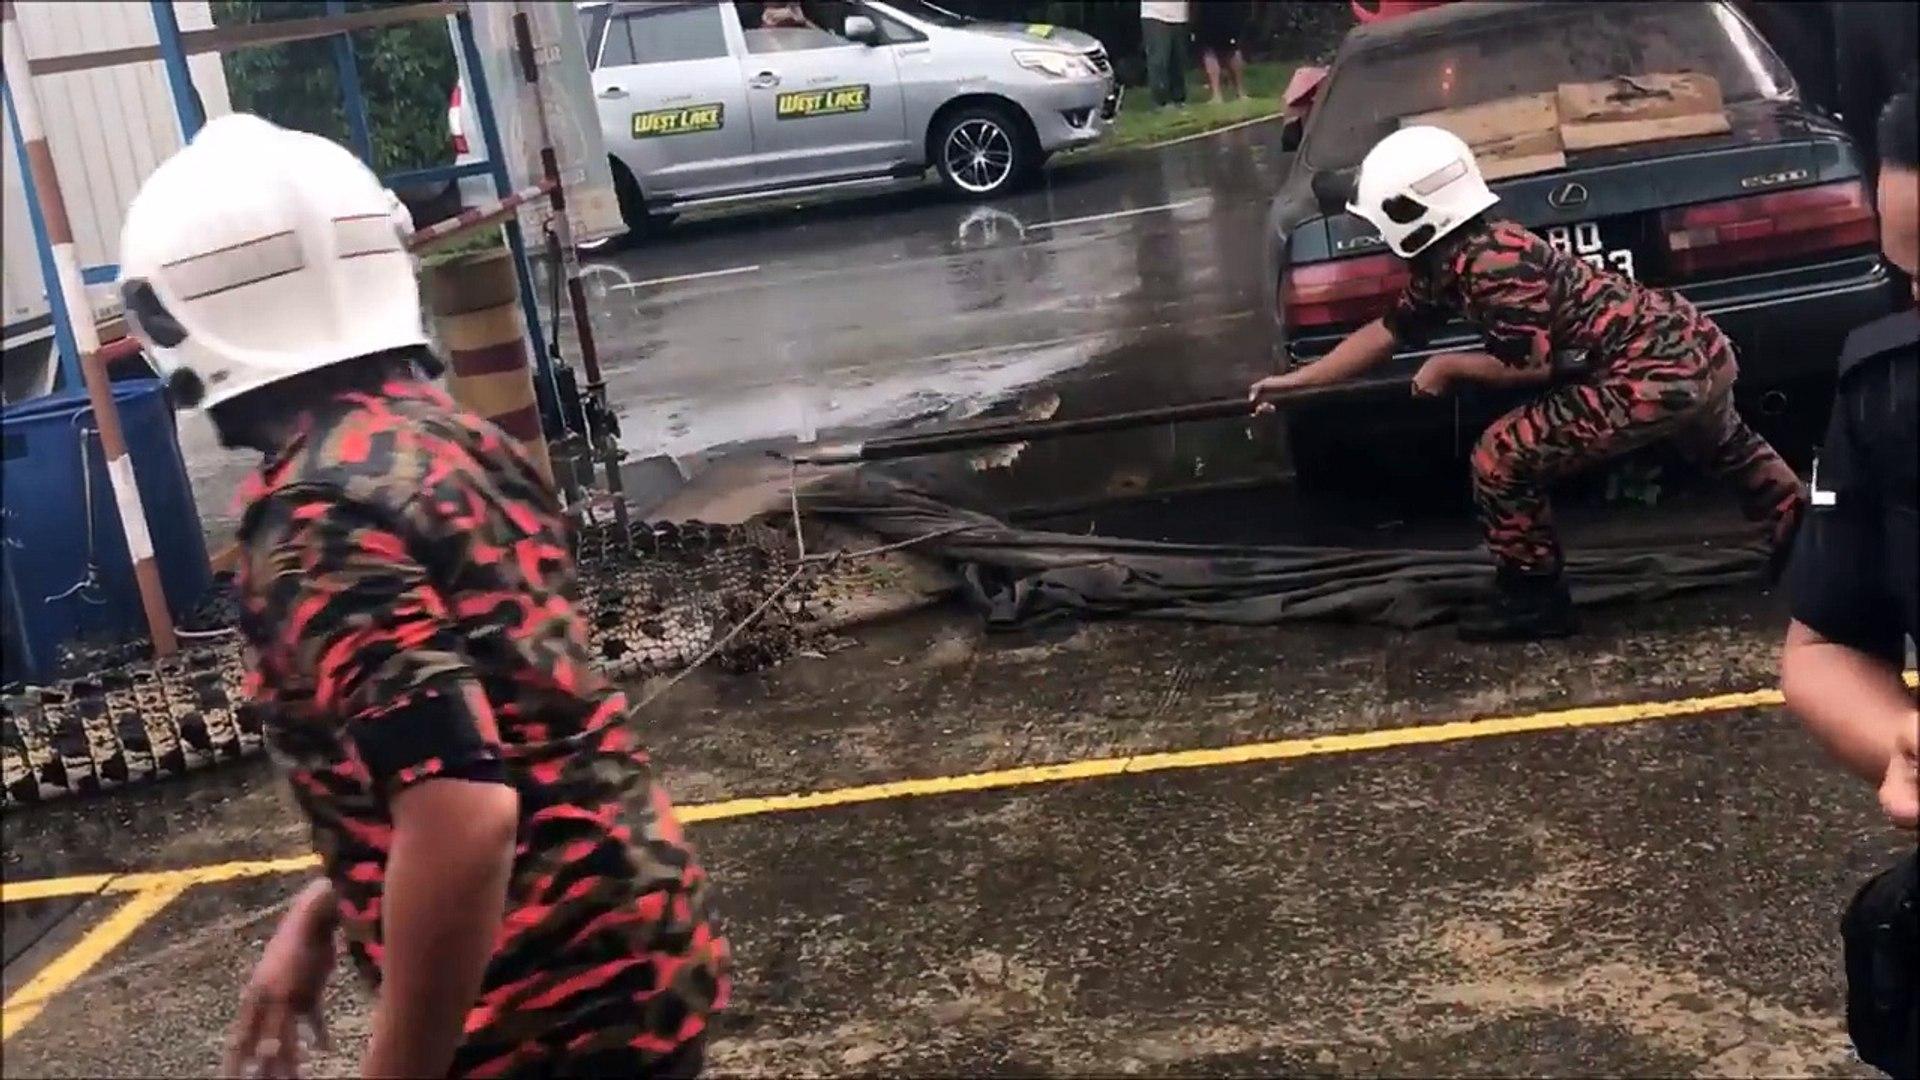 بالفيديو.. في 60دقيقة رعب.. تمساح يهجم على محطة بنزين